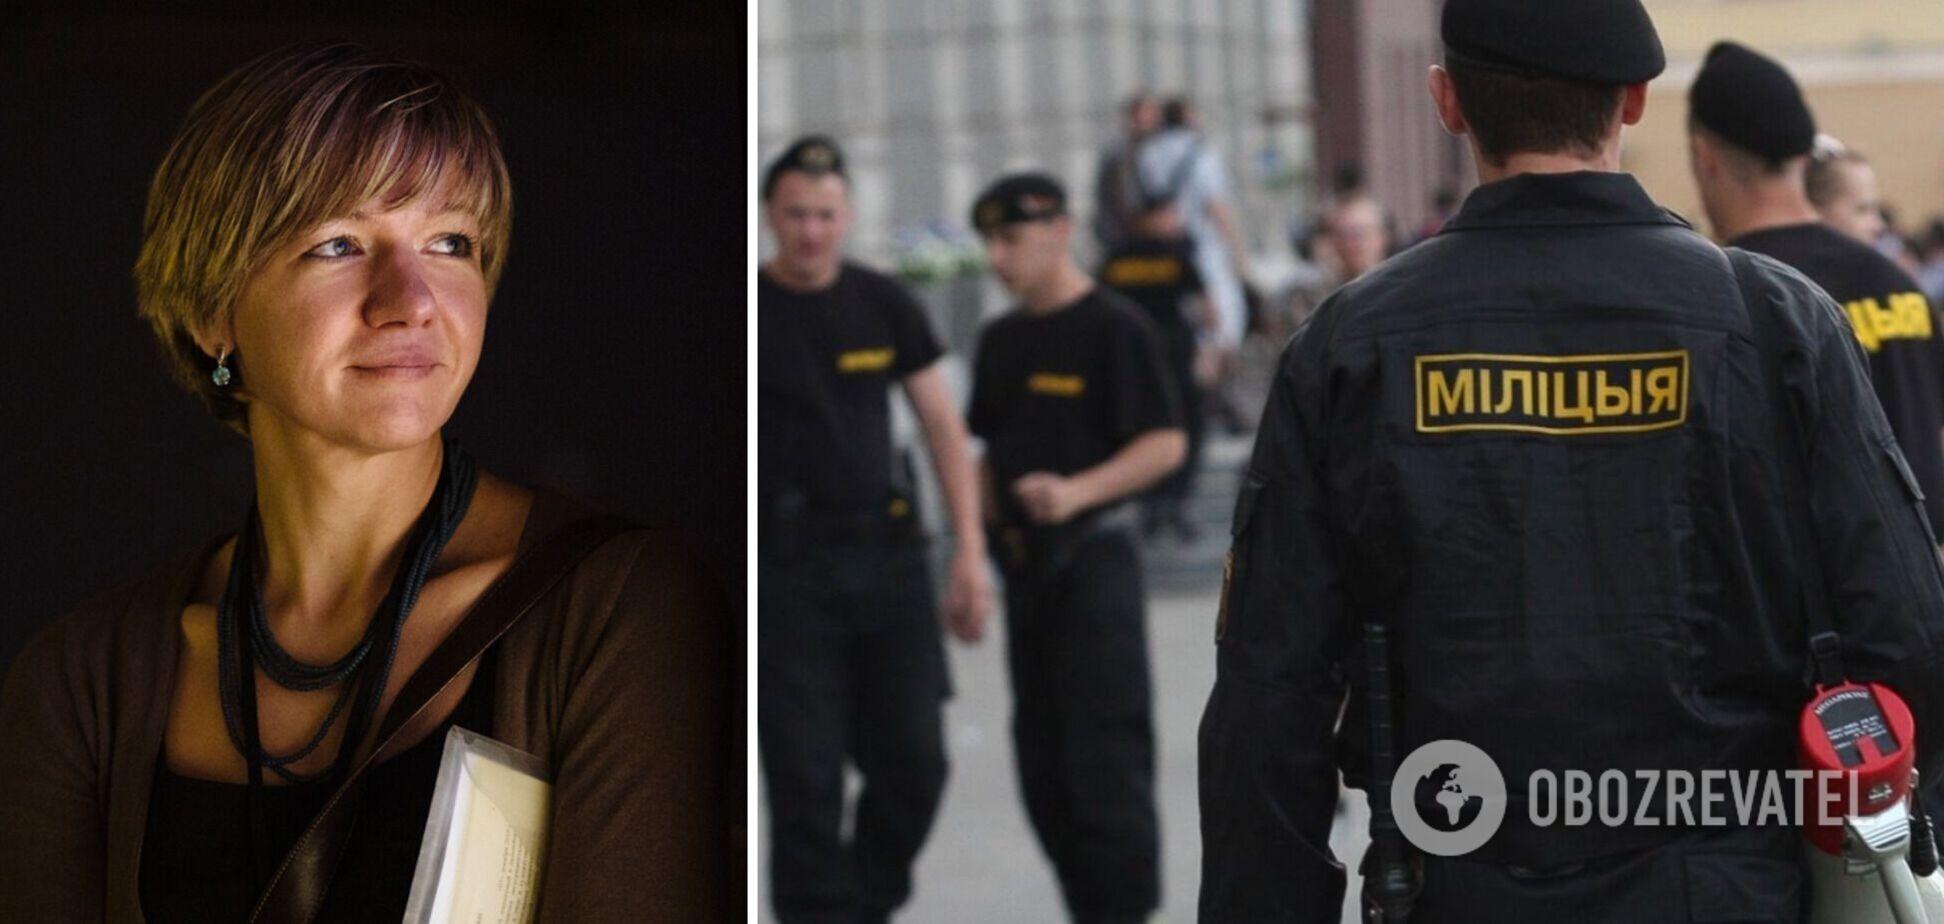 В Беларуси задержали жену украинского правозащитника Яворского